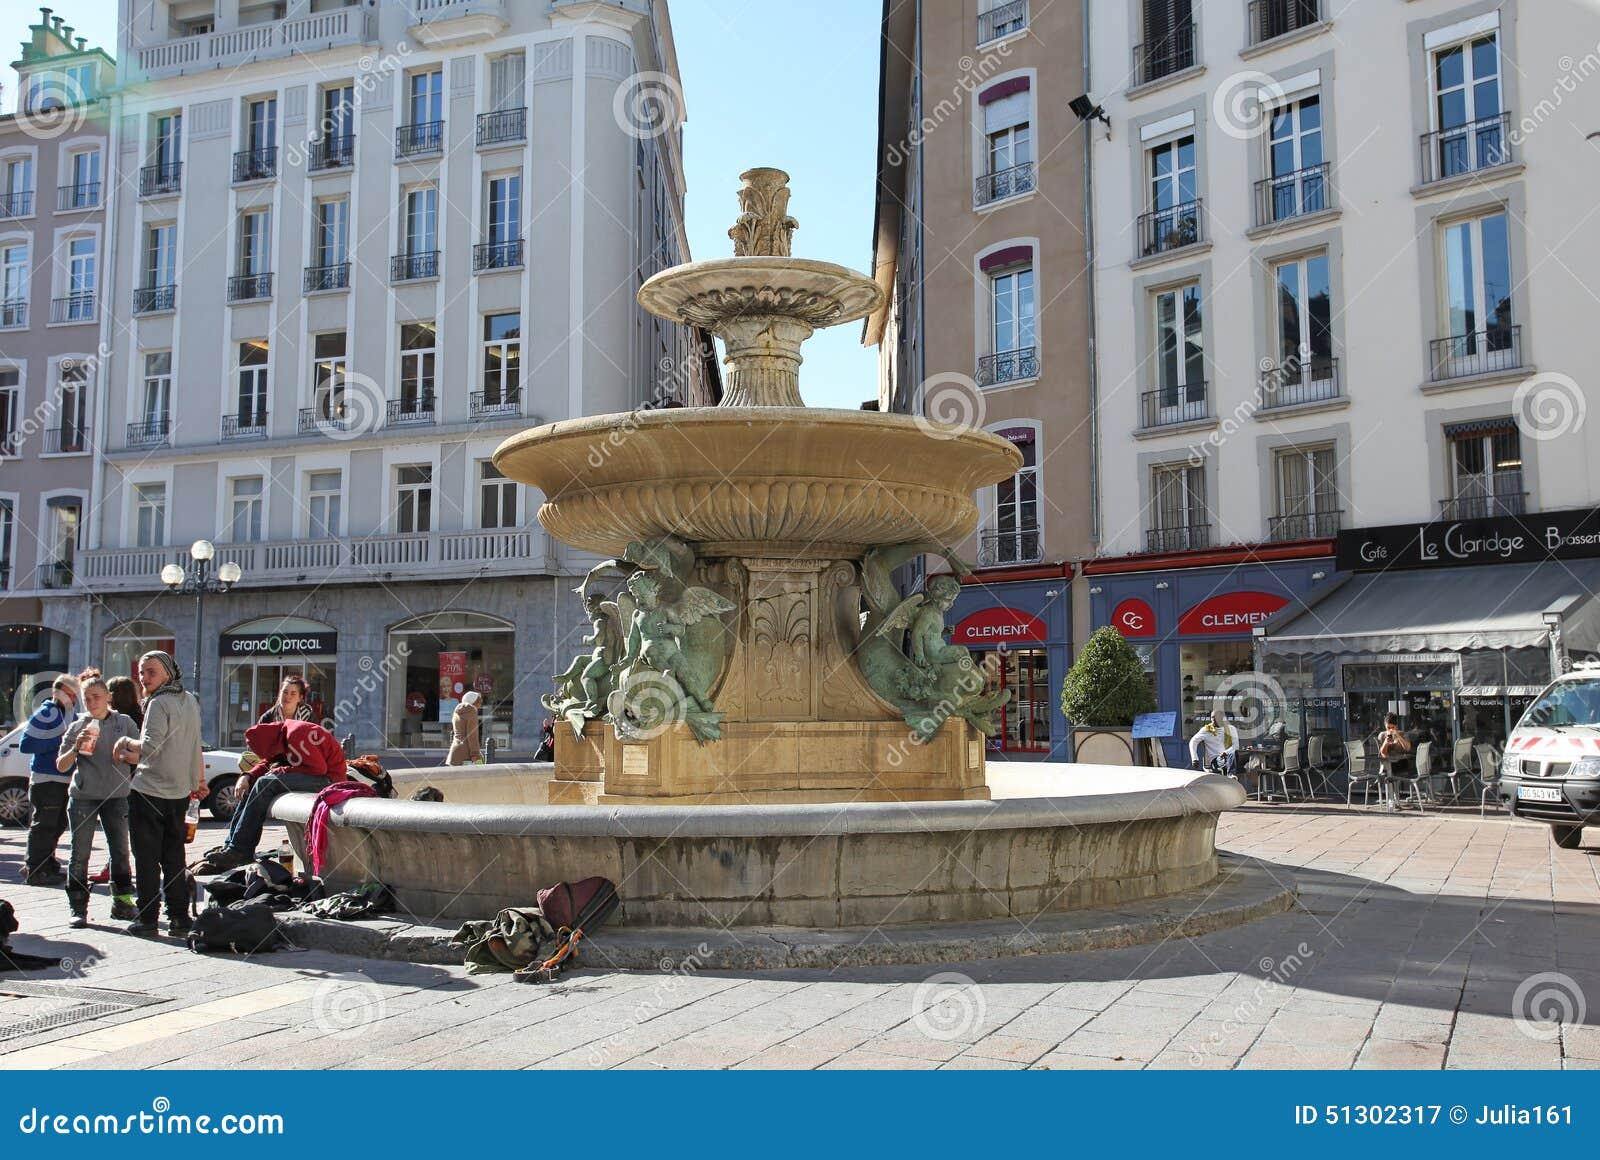 Restaurant Le   Place De Lavalette  Grenoble France